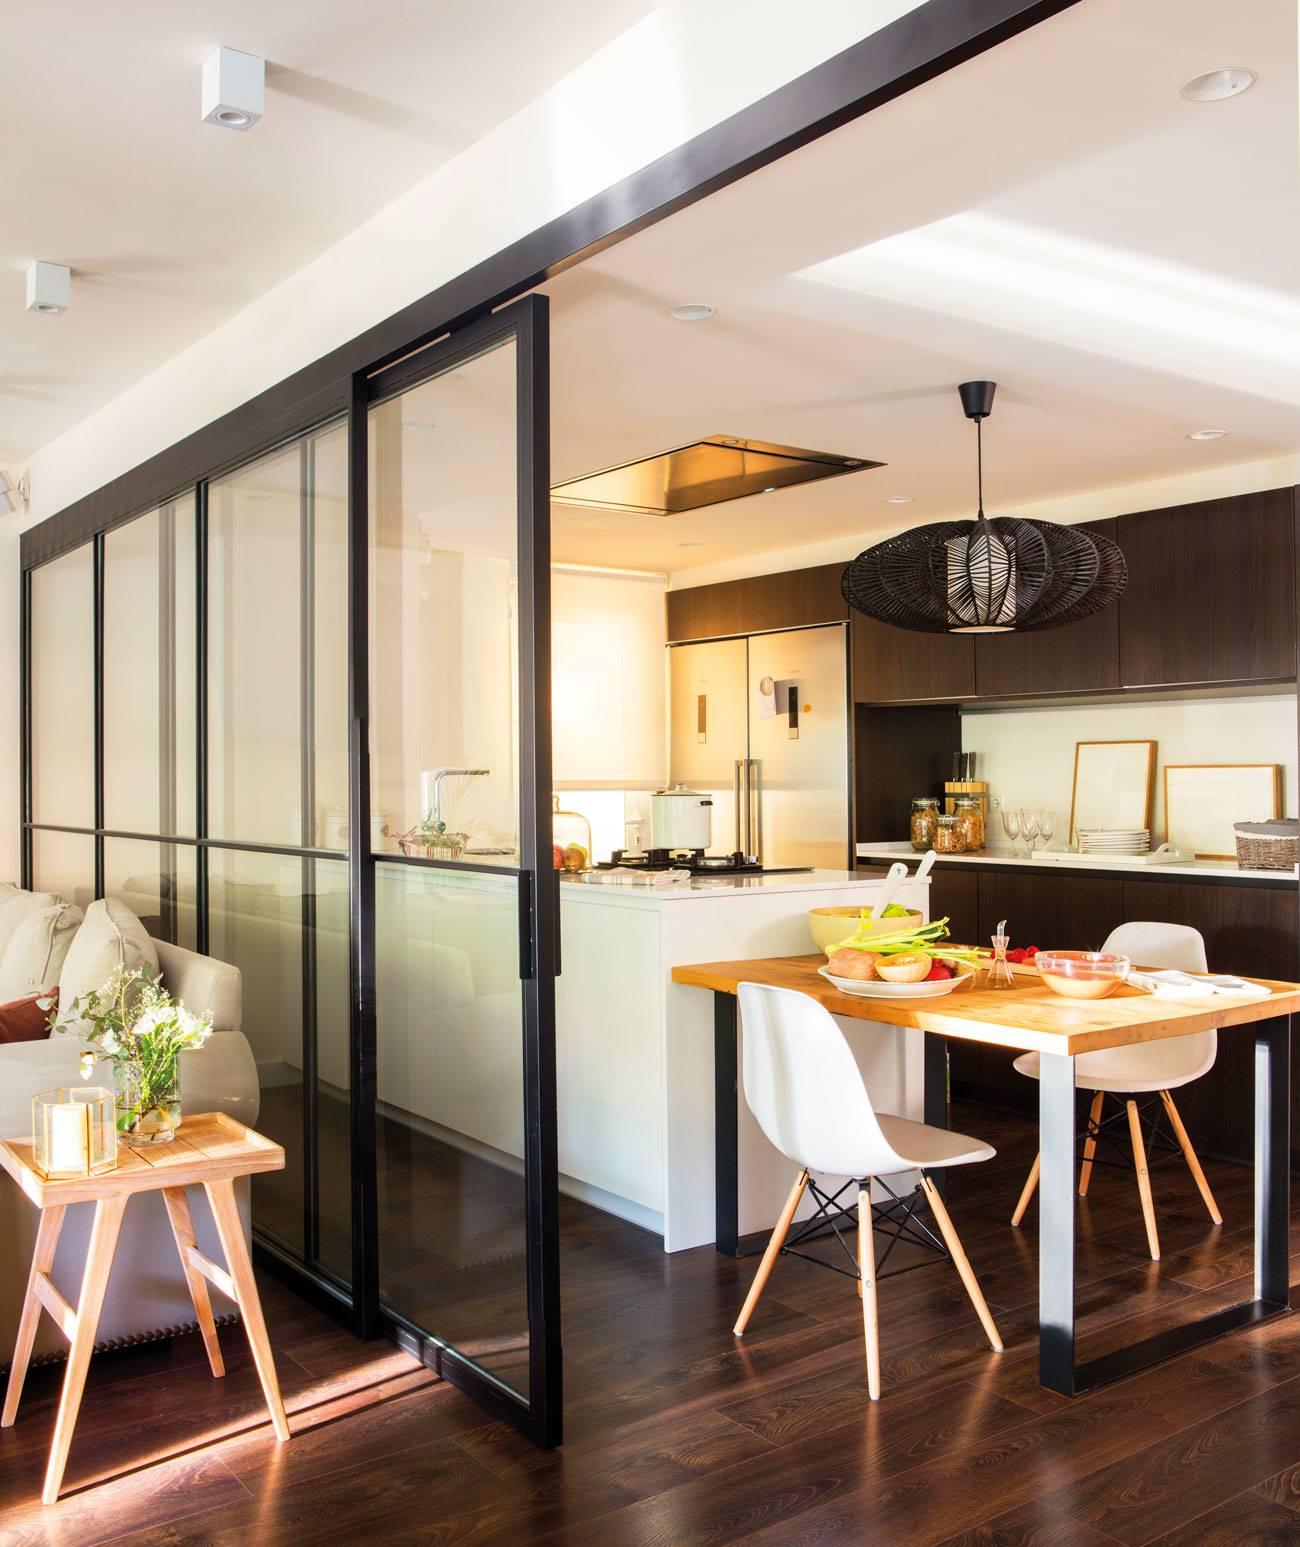 cocina-separada-del-salón-con-puerta-corredera-marcos-negros-a-juego-con-muebles-cocina-y-parquet 00444959. Corredera de cristal